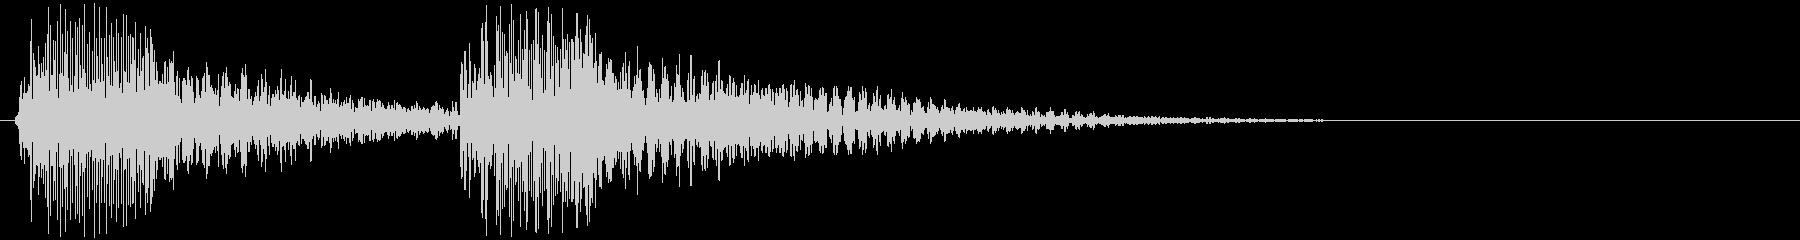 ちゃんちゃん♪(トランペット)の未再生の波形